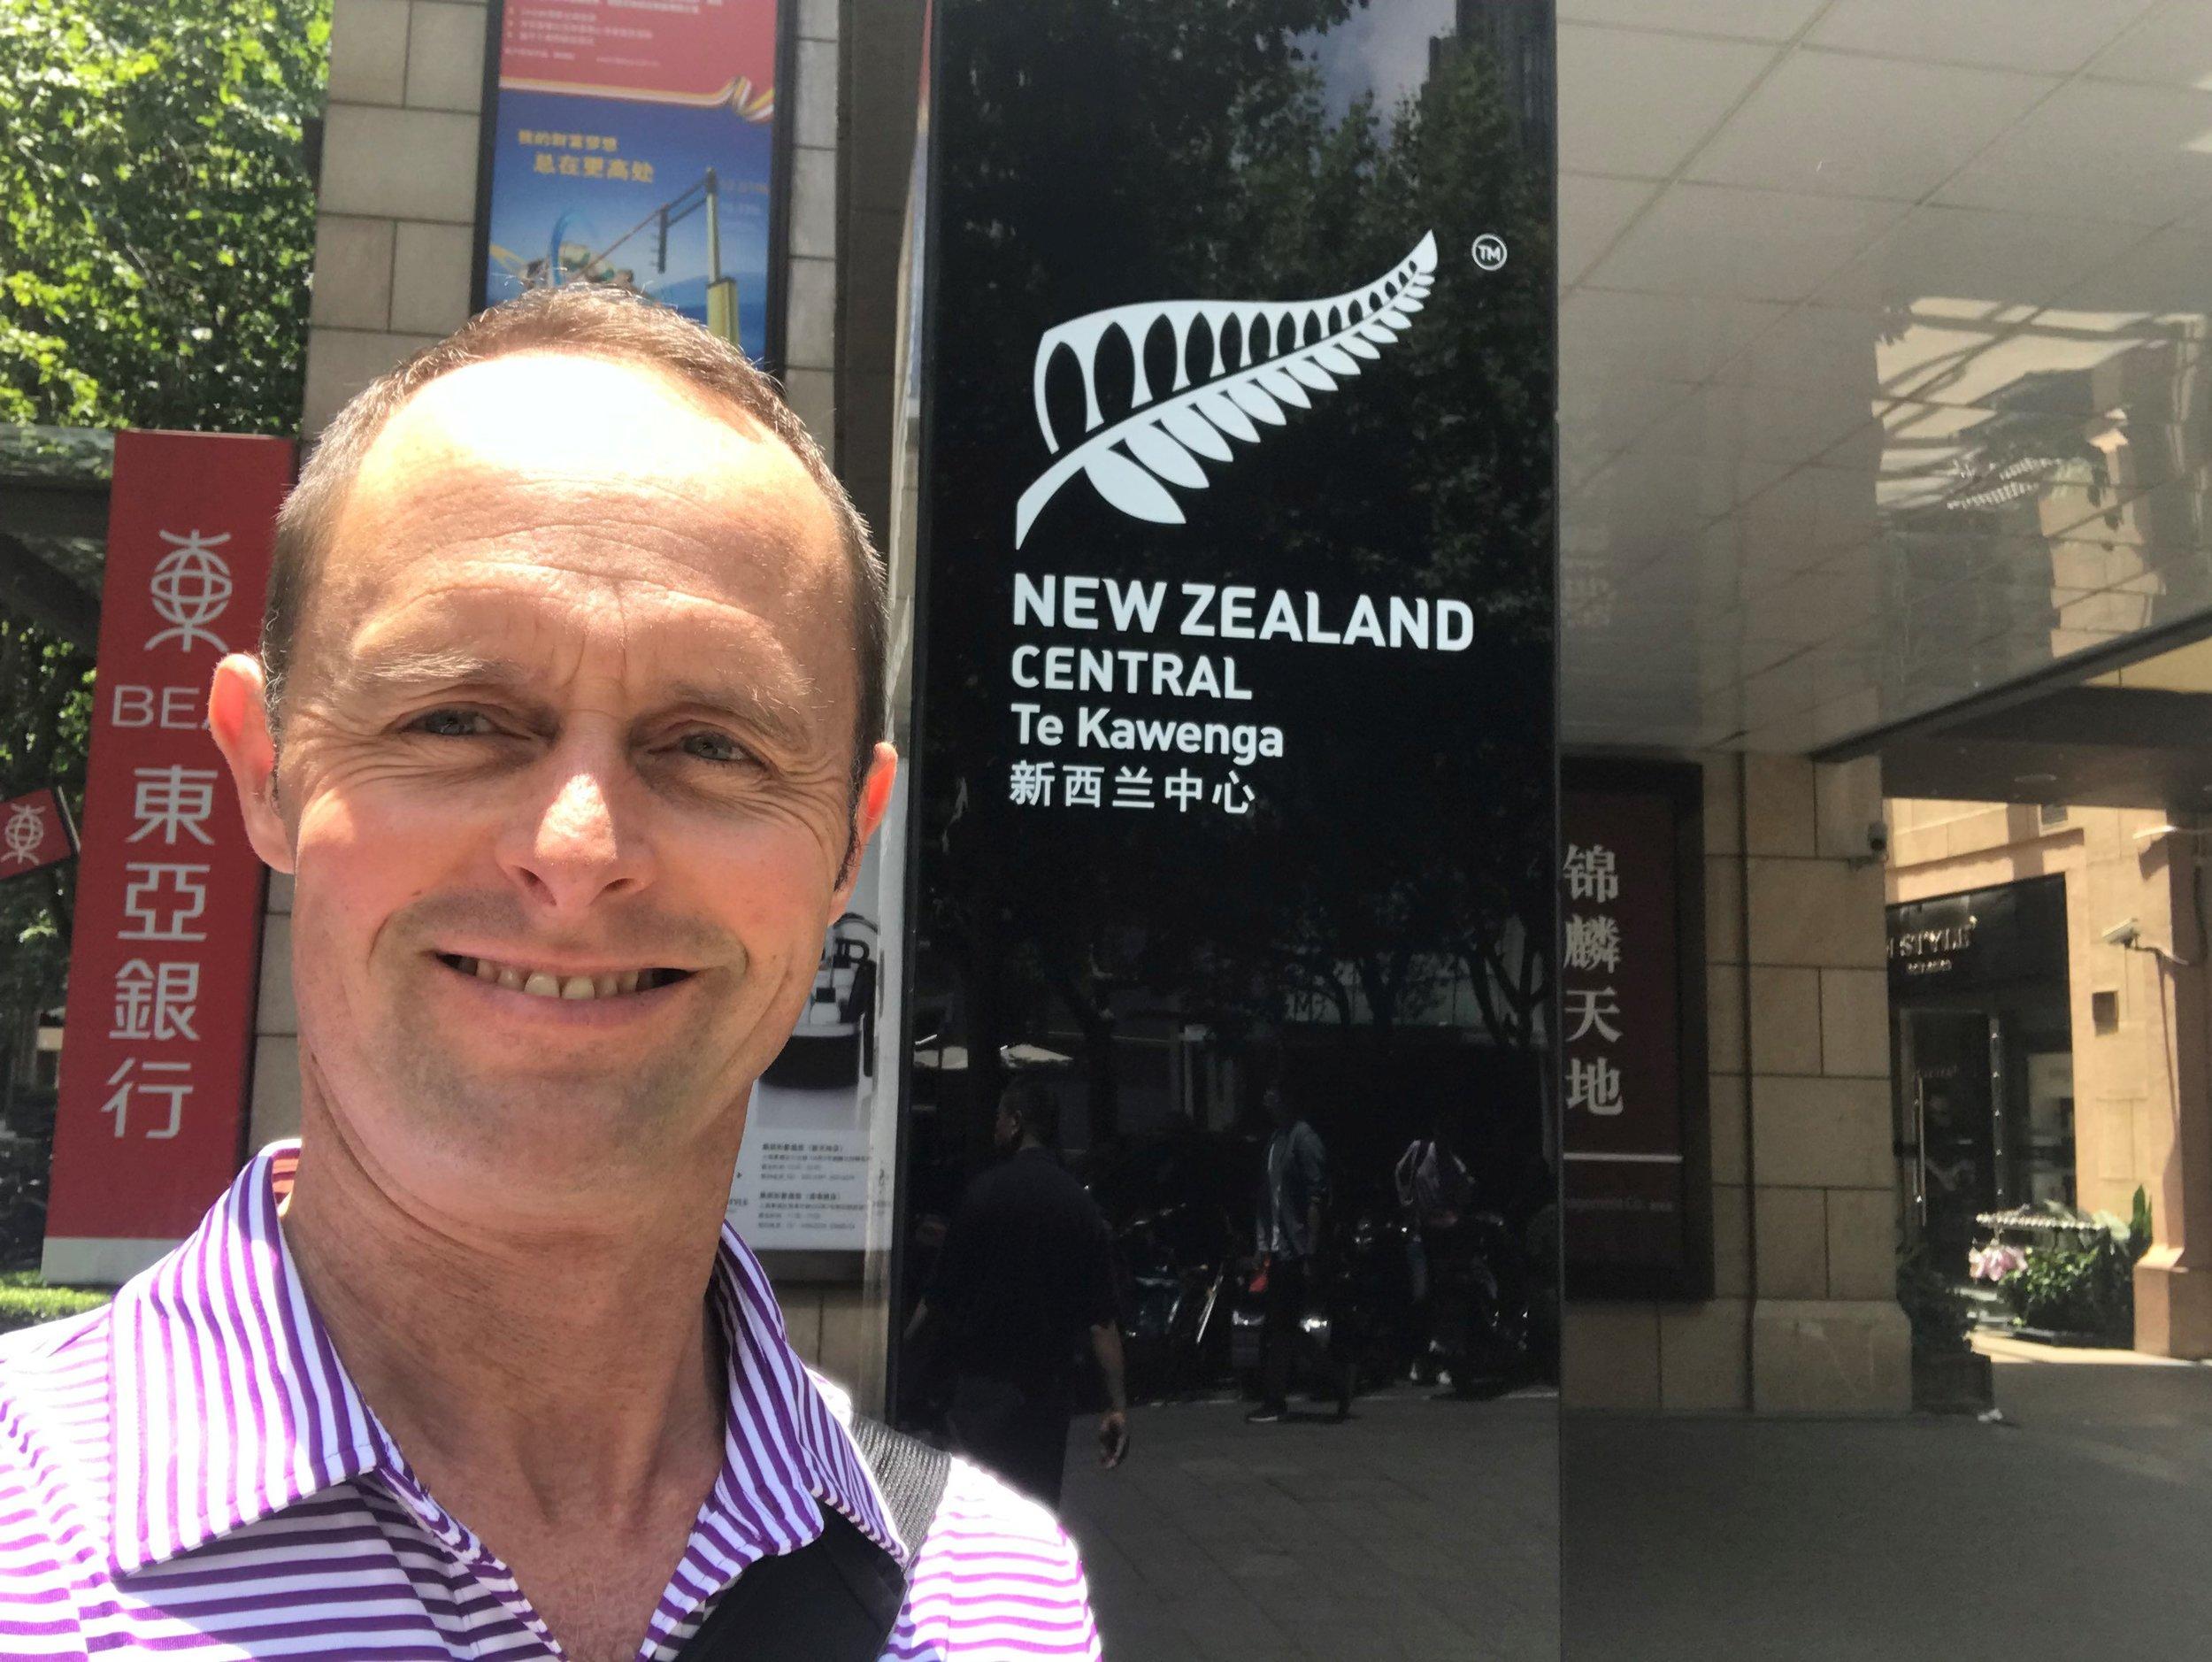 Ben - NZ Central.jpg